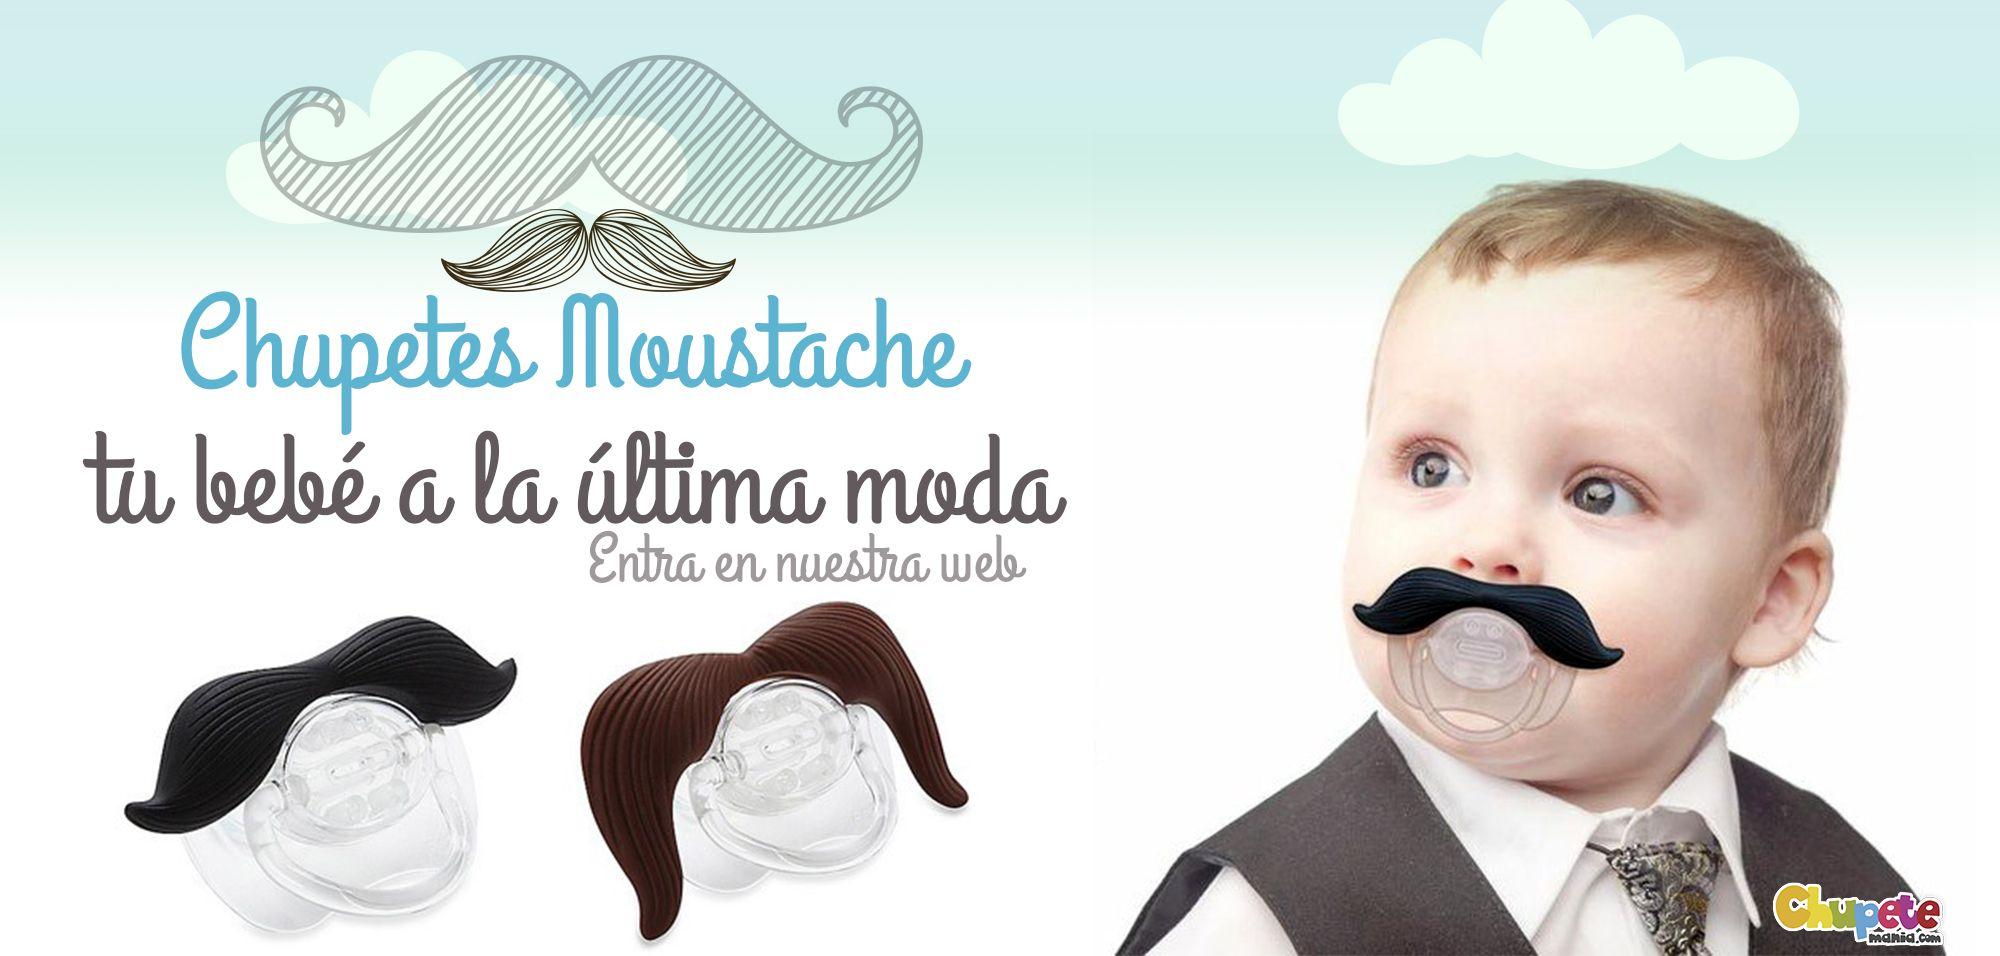 Chupetes con bigote! Disponibles tetina 6/36 anatómica de silicona ...